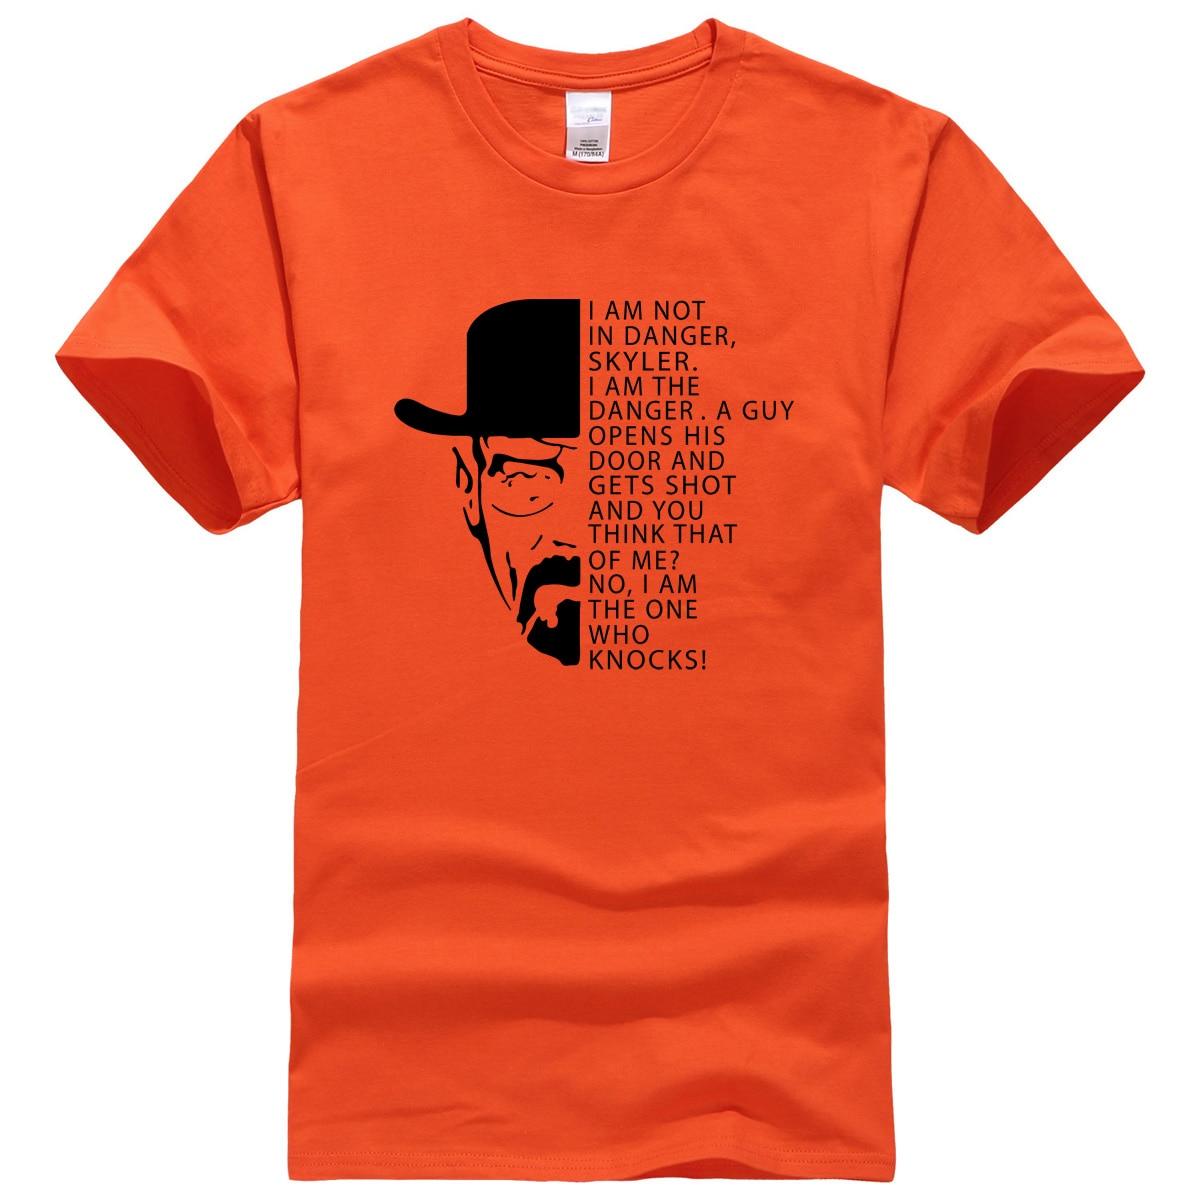 Download download image zeixs t shirt designer 2